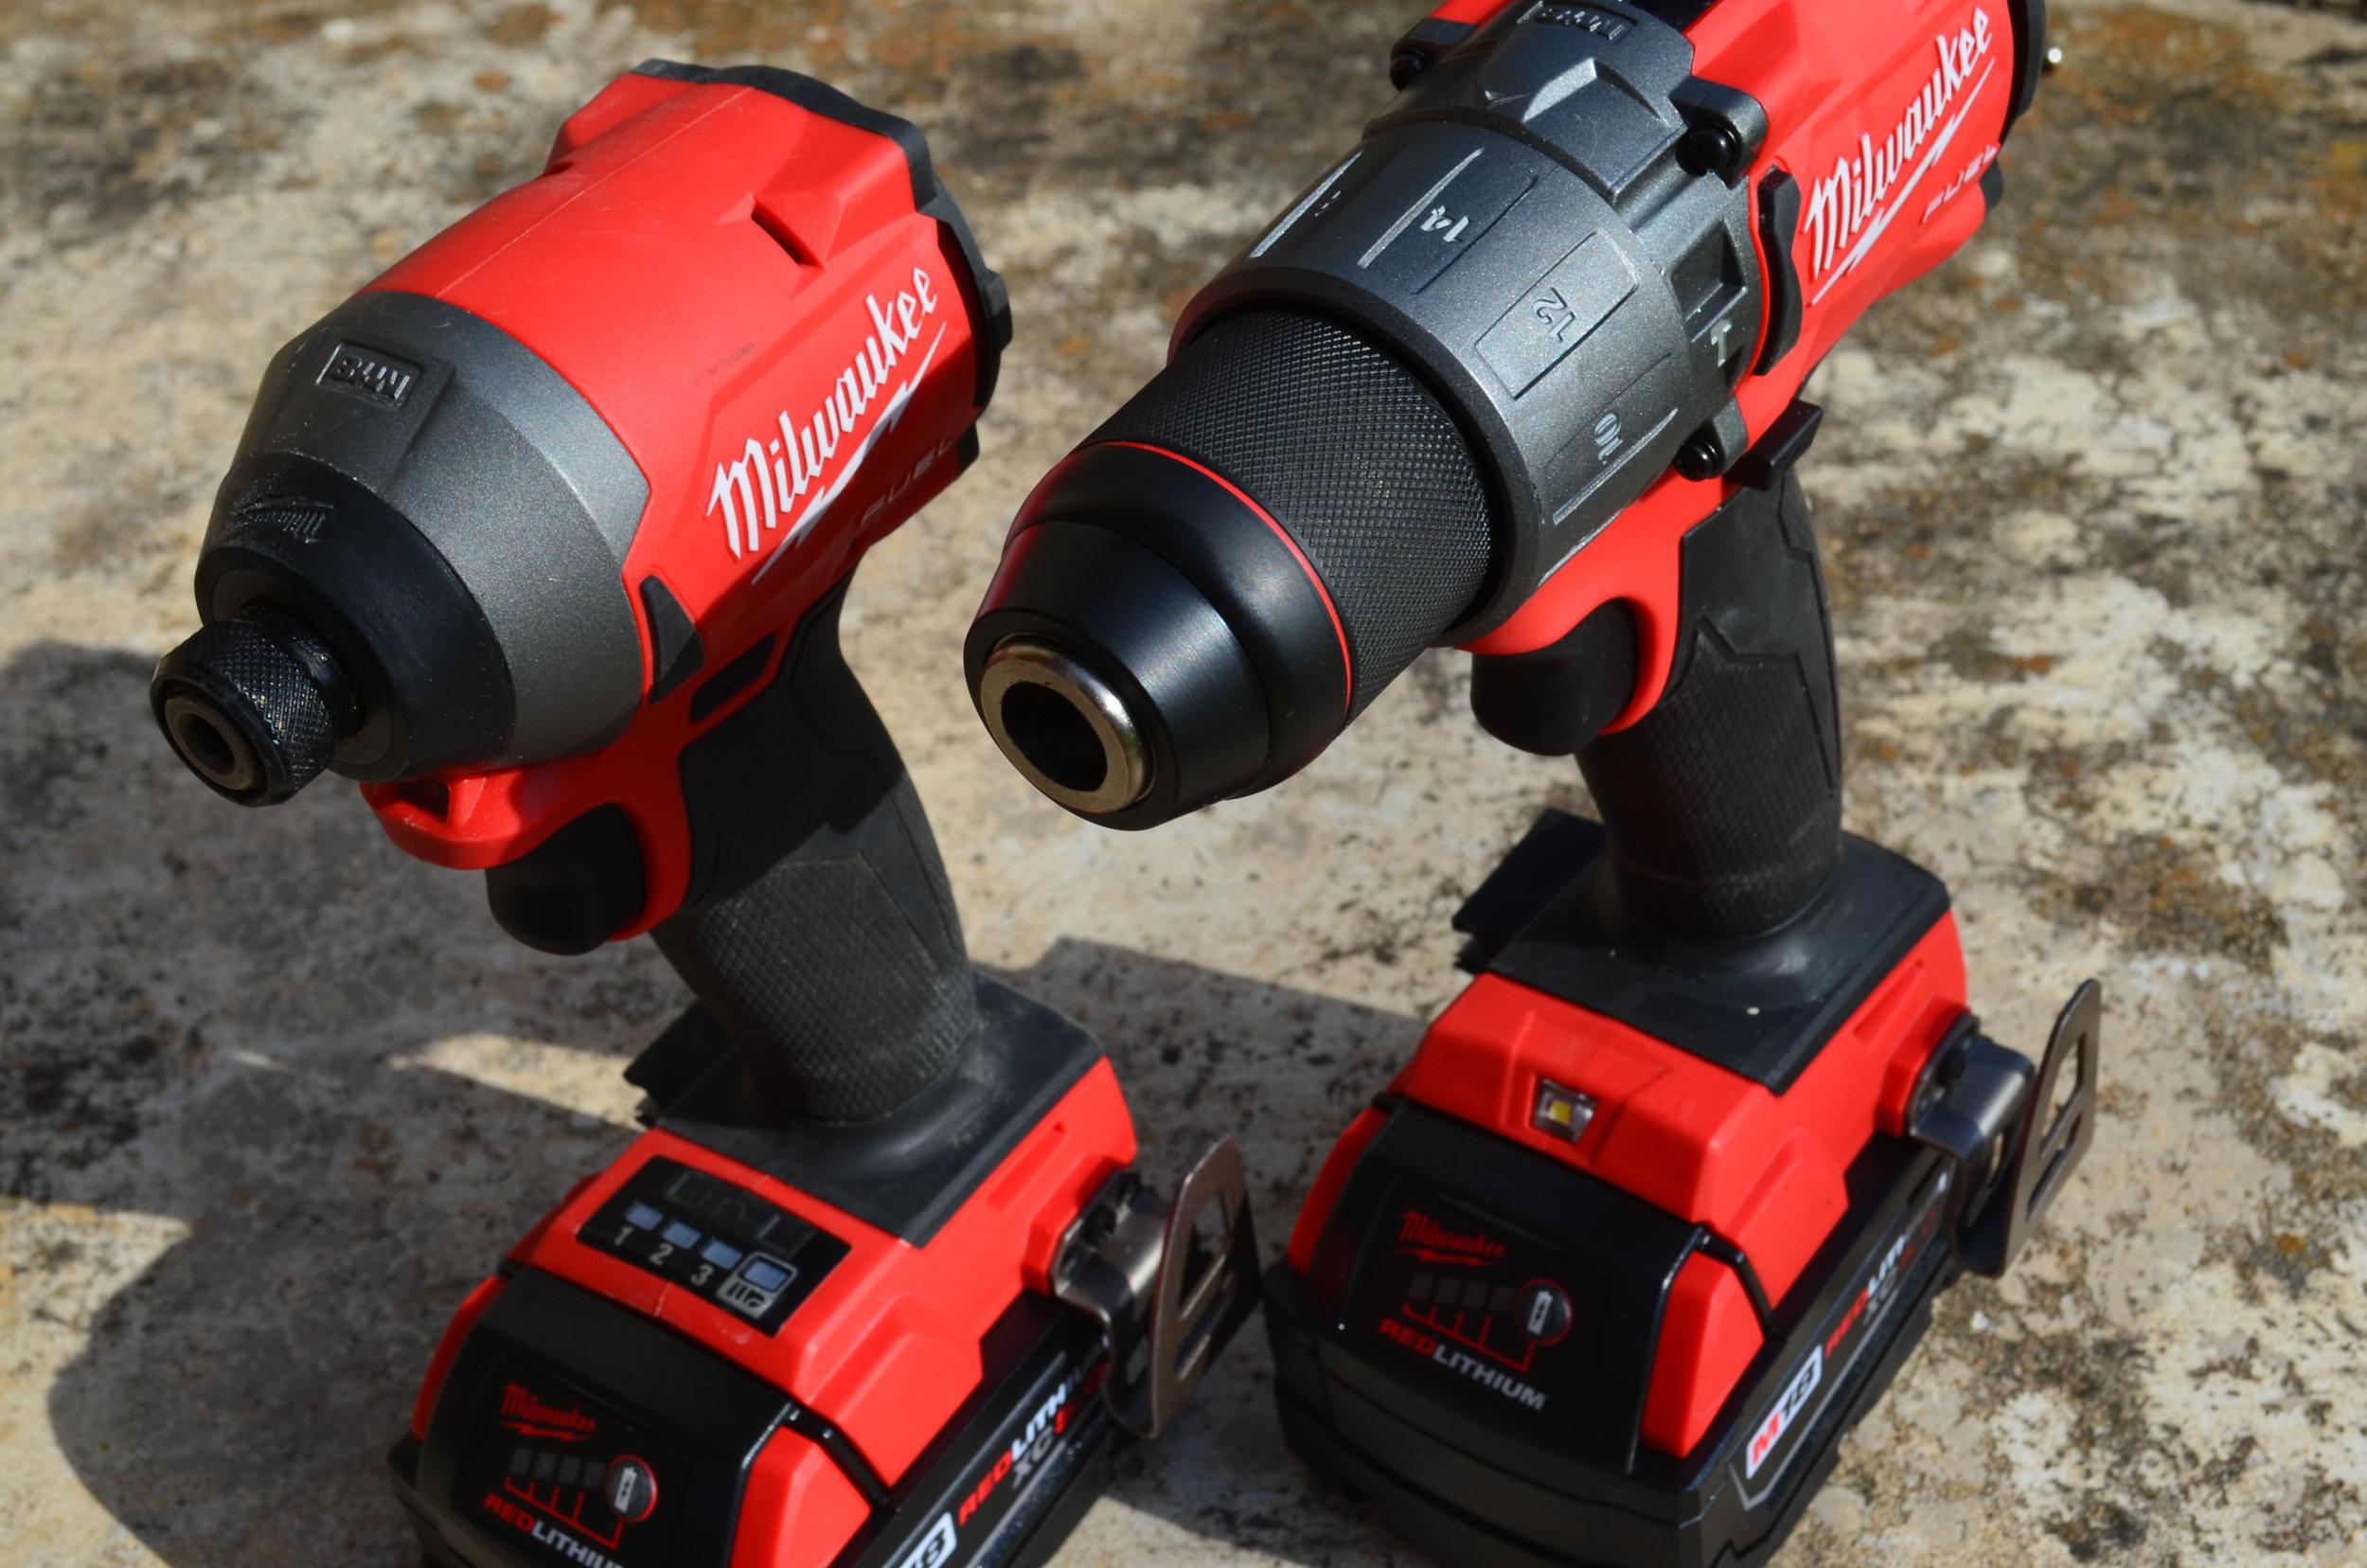 milwaukee-18v-fuel-hammerdrill-impact-driver-brushless-combo-kit